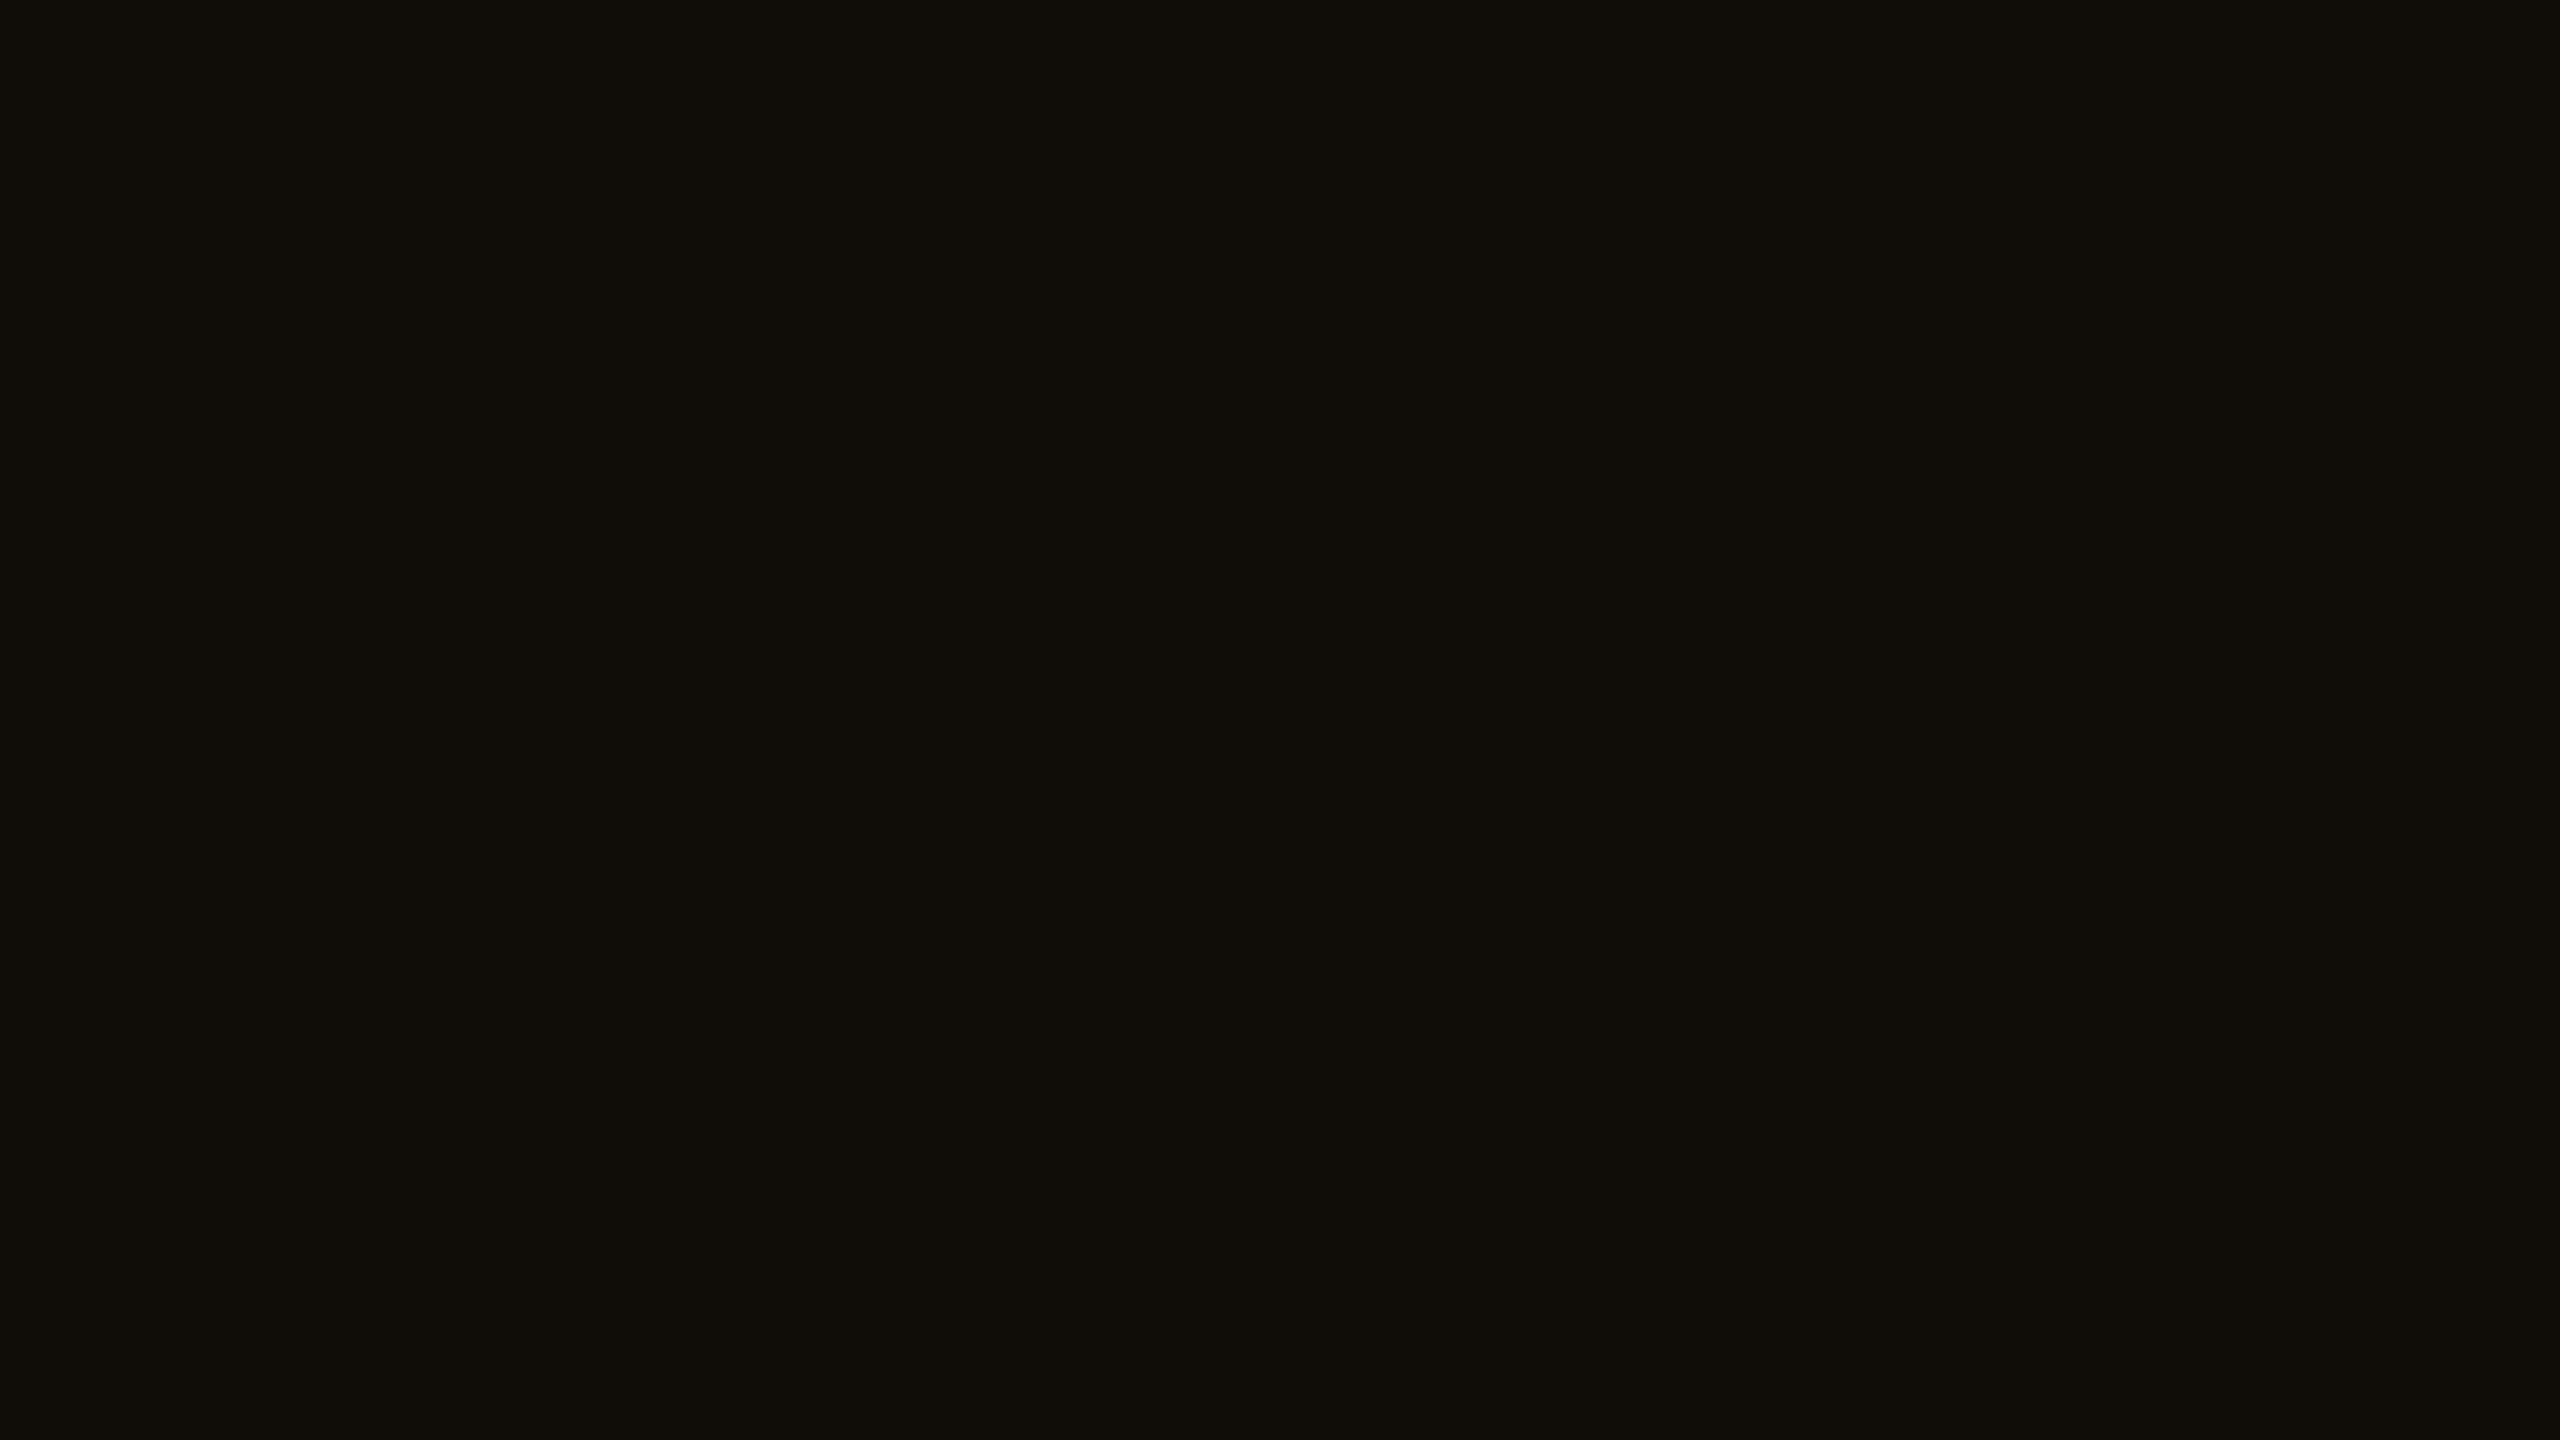 Black Wallpaper in 2K Resolution